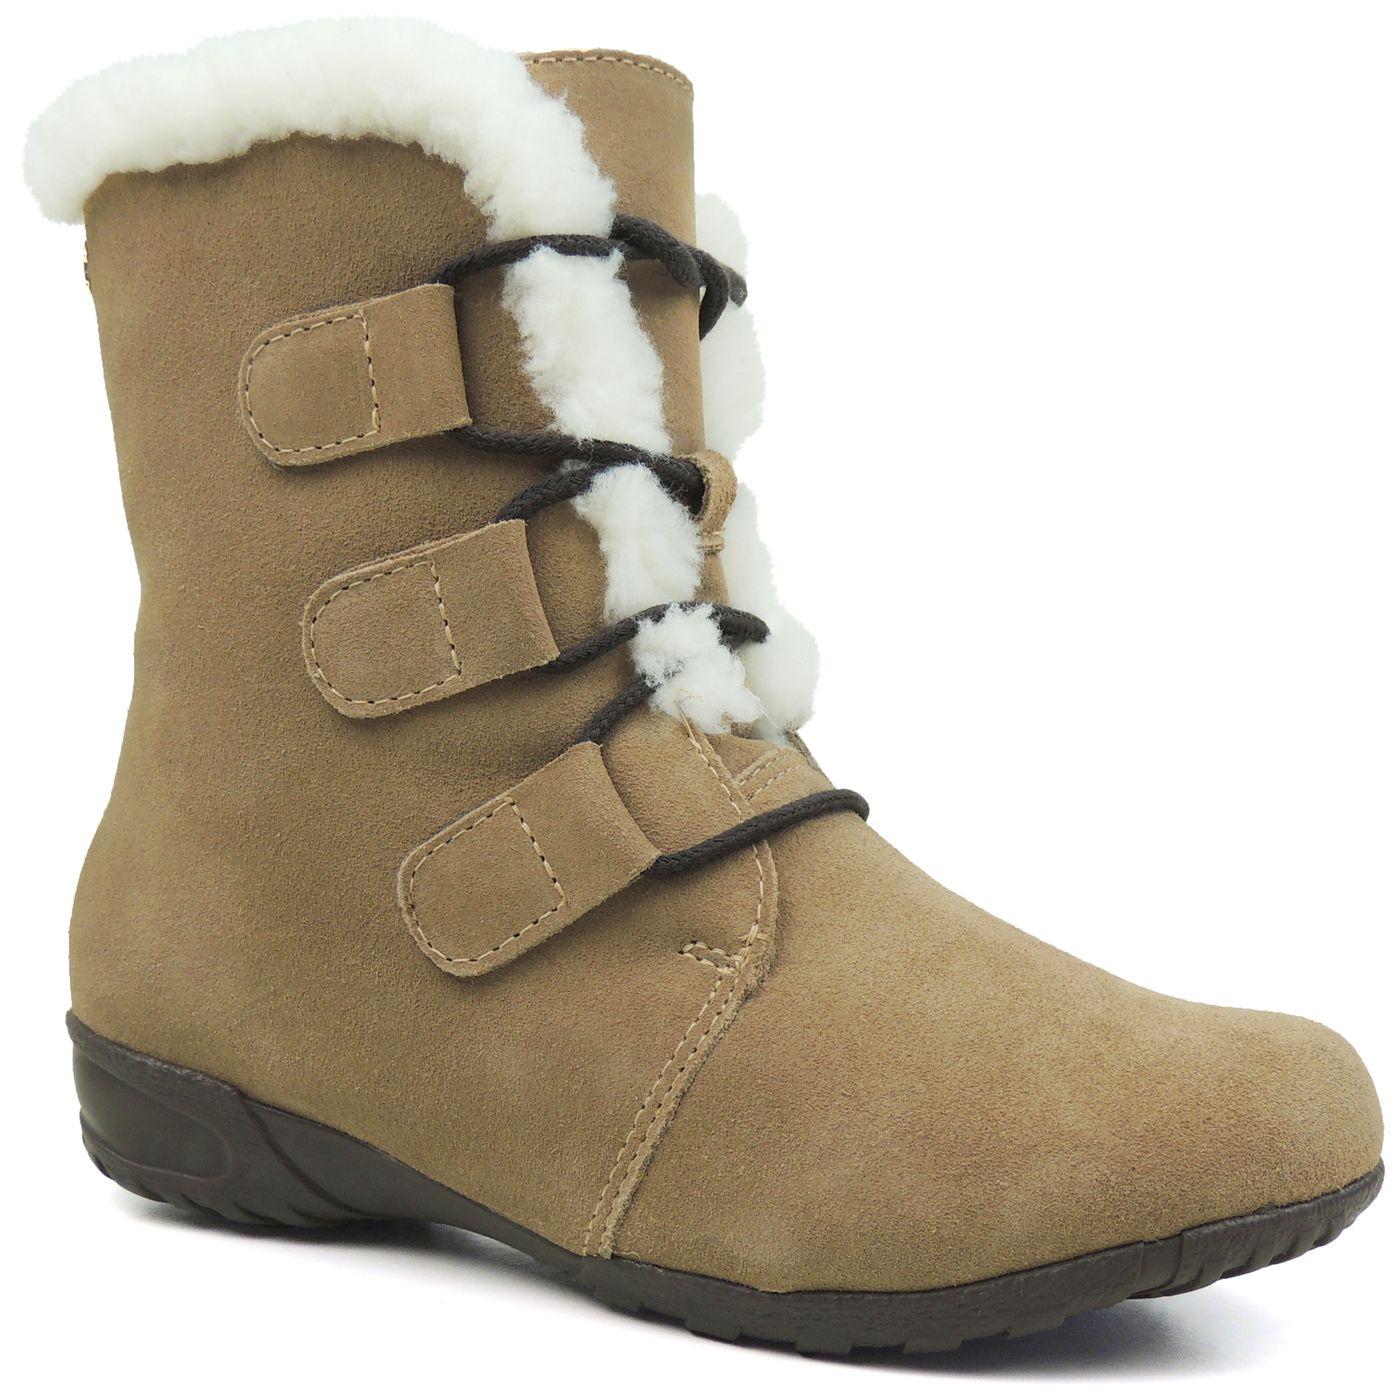 88823fb56 Bota Fiero Feminina Rasteira Bege forrada em lã para o inverno - fieroshop